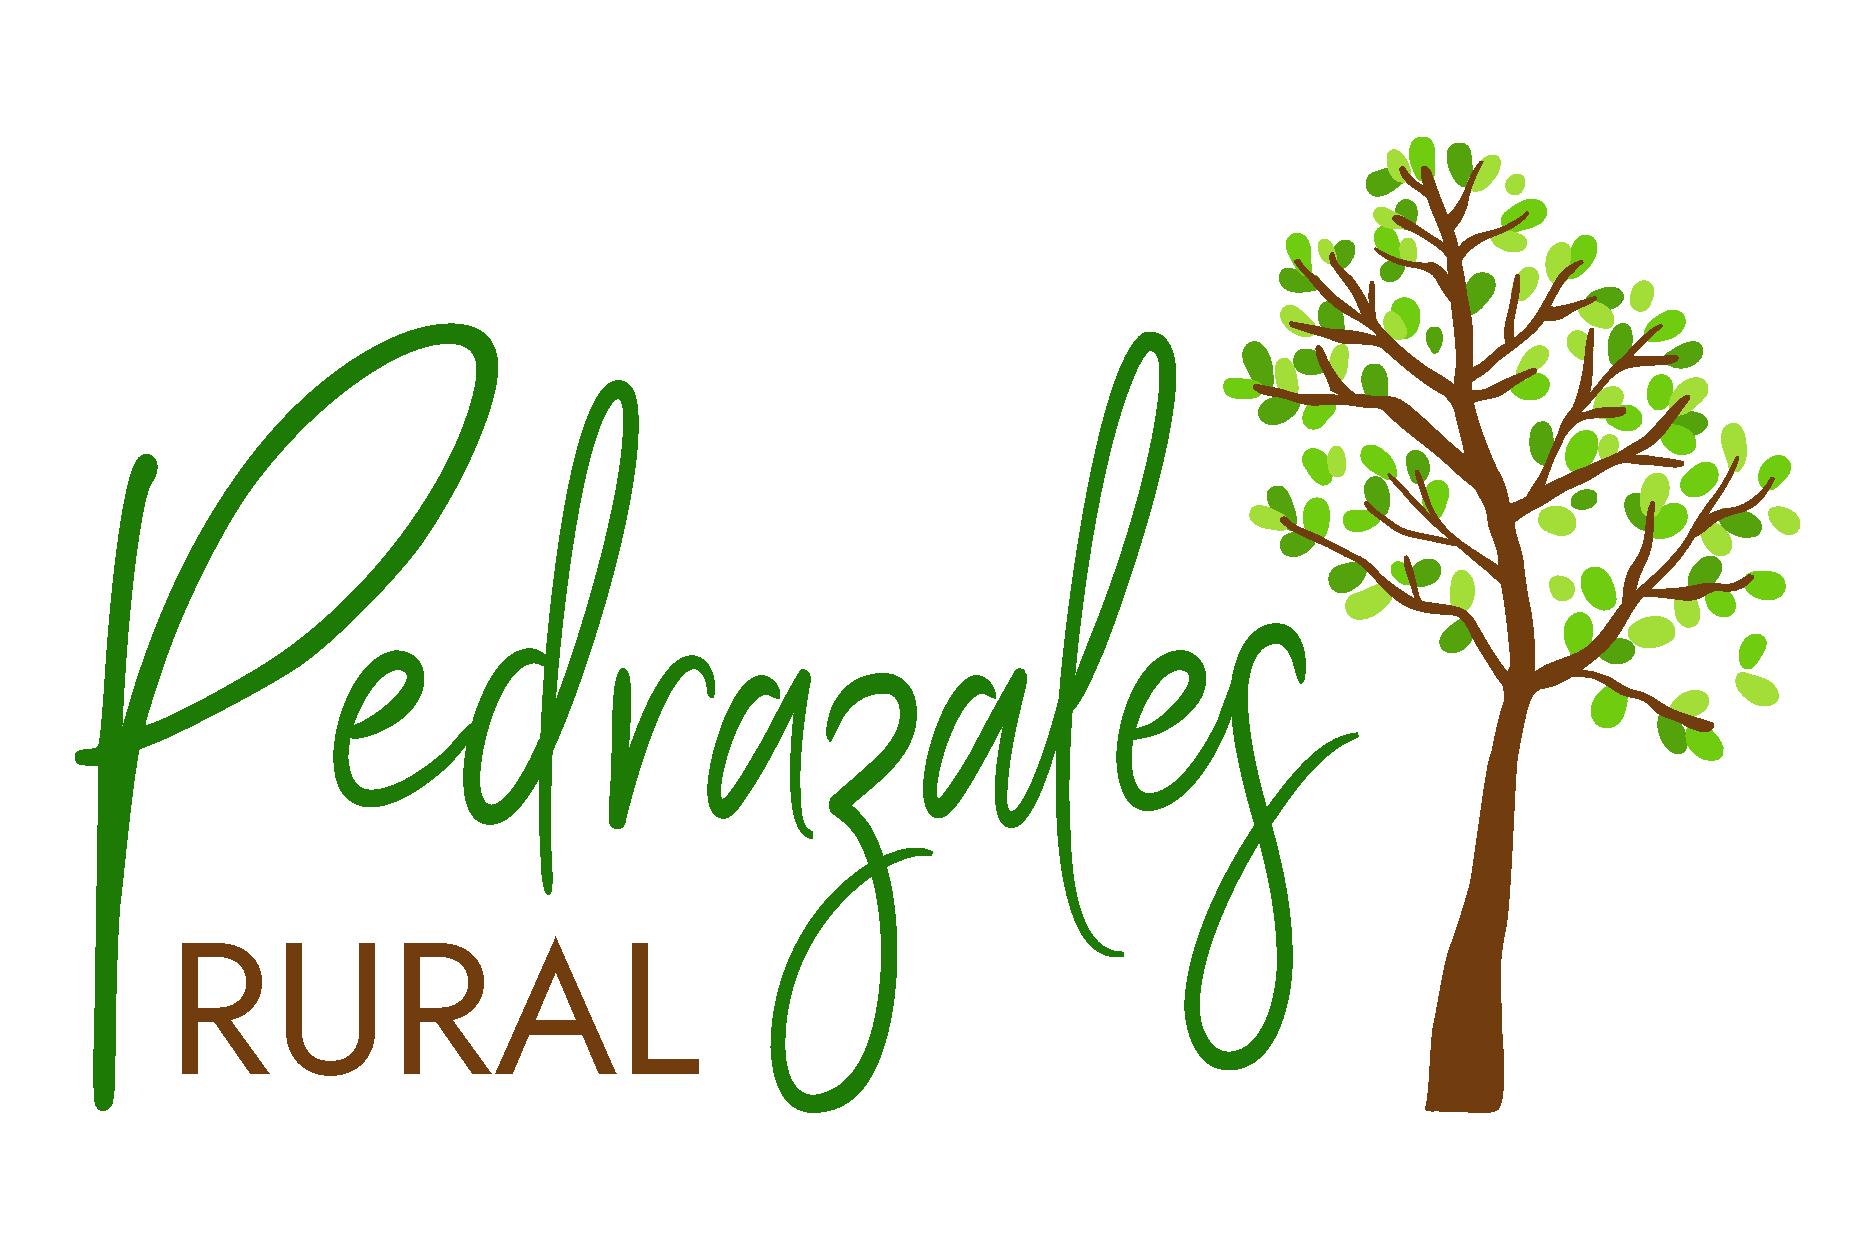 Logo Pedrazales Rural